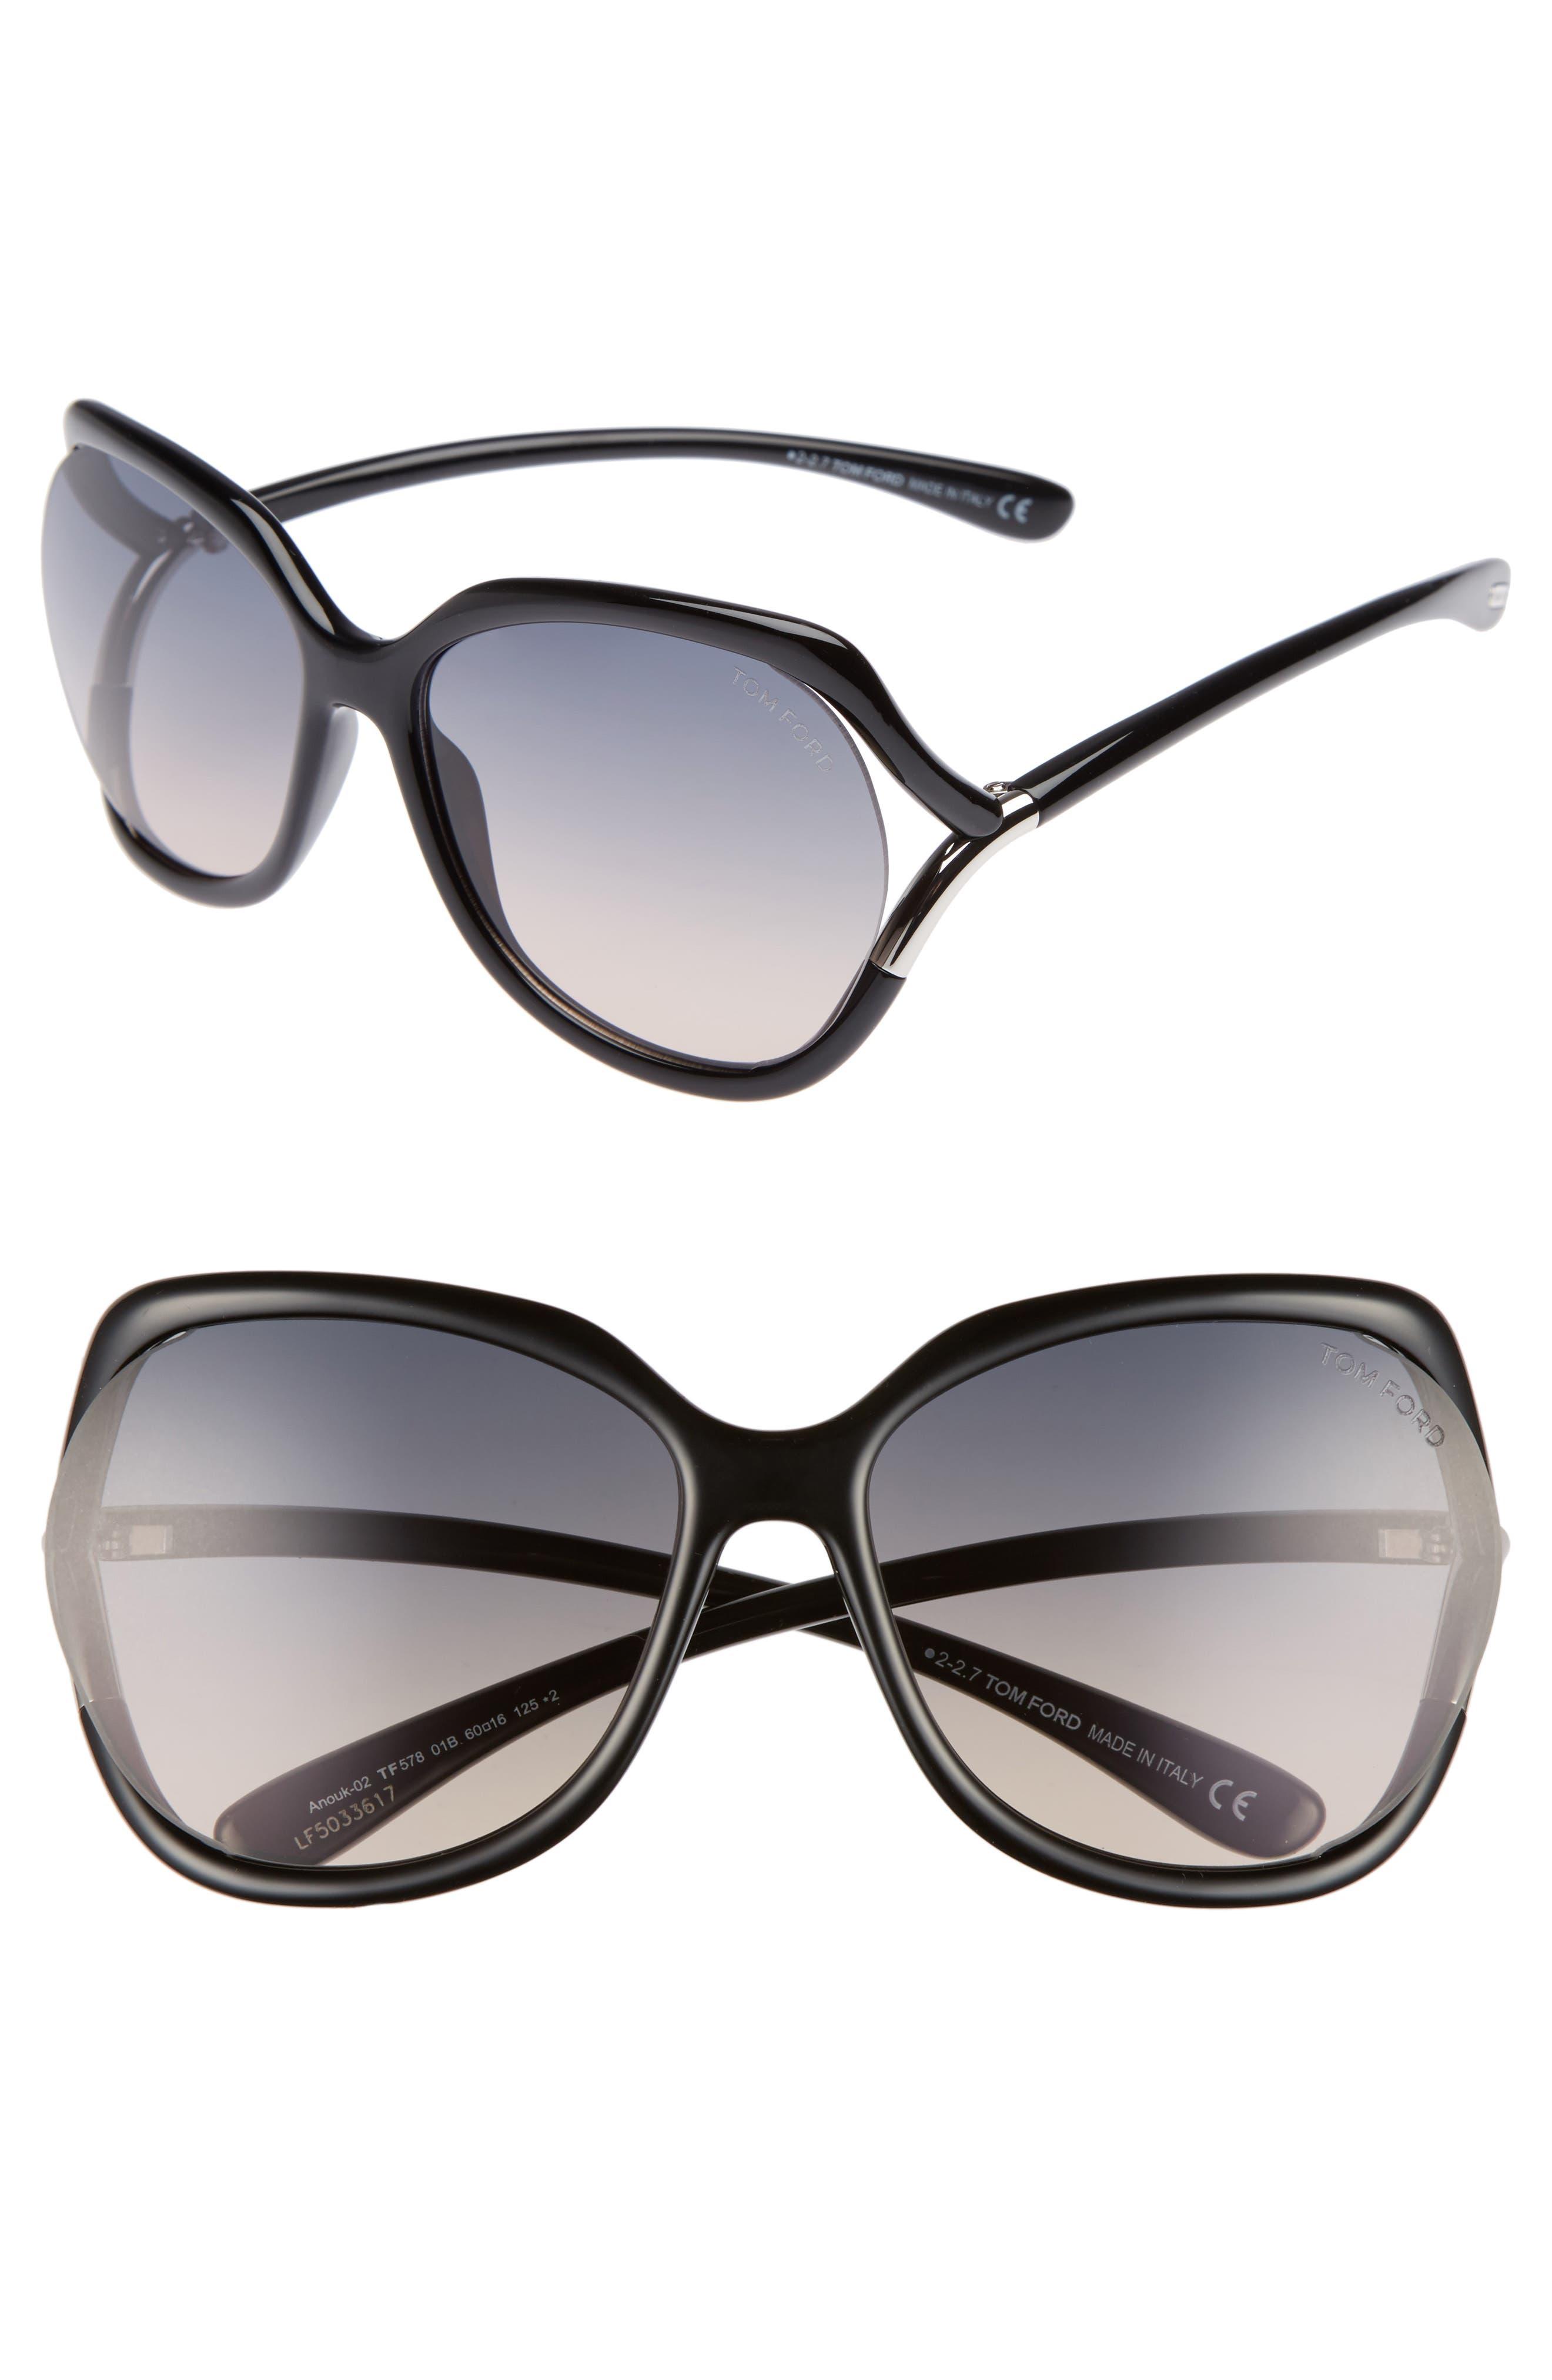 Anouk 60mm Geometric Sunglasses,                             Main thumbnail 1, color,                             BLACK/ GRADIENT SMOKE